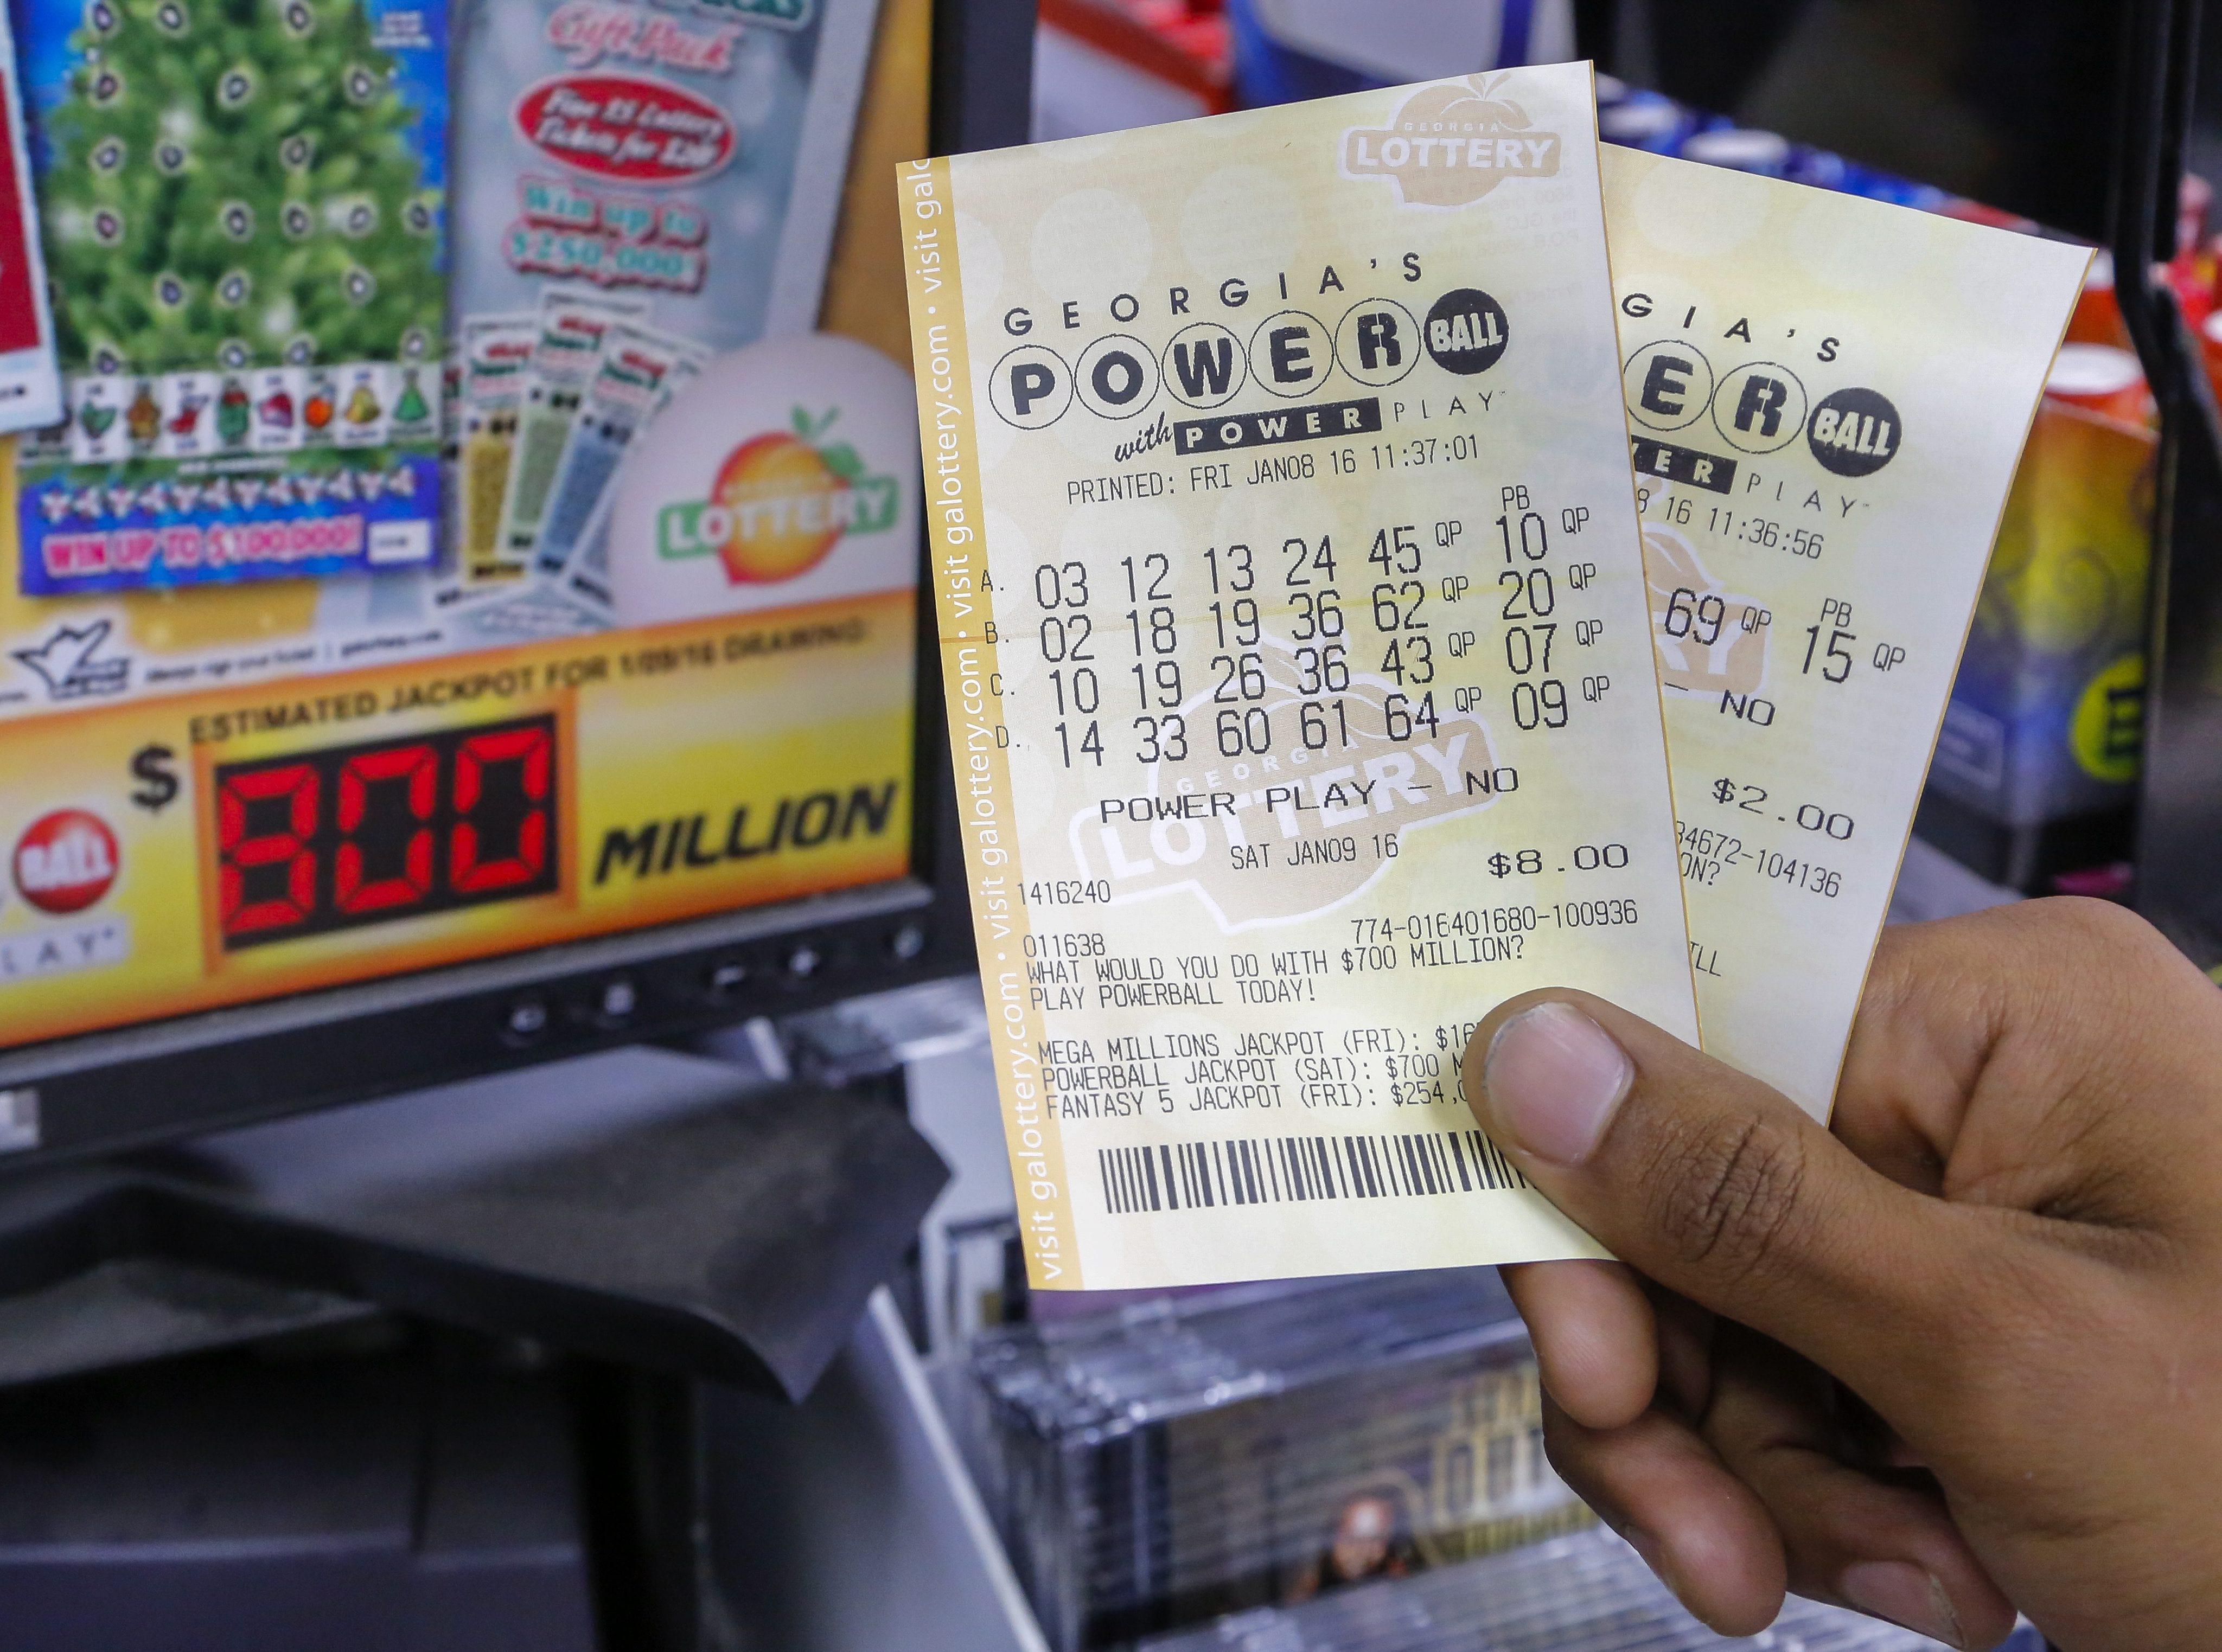 Ball de foto lottery power 2